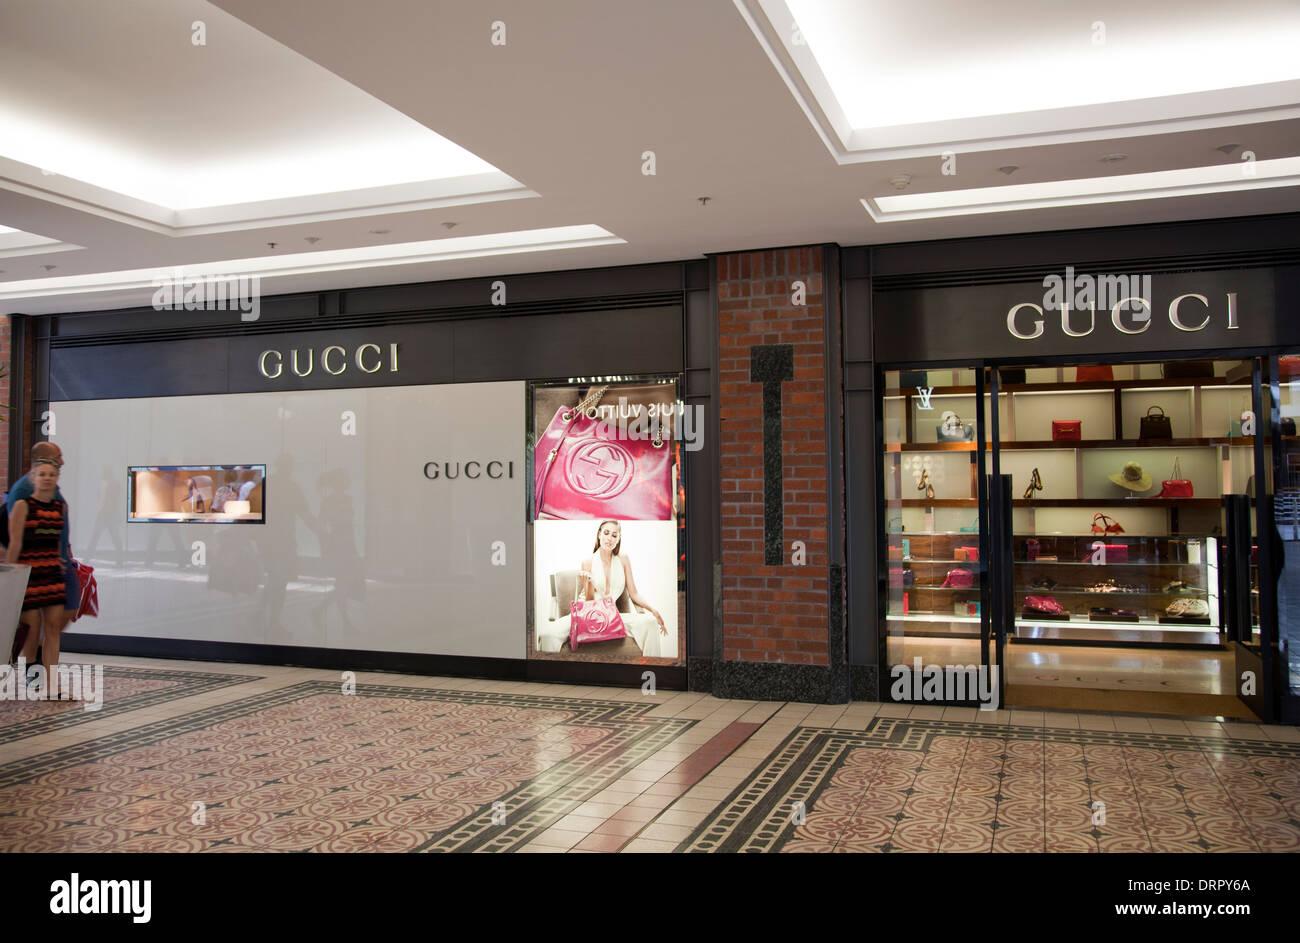 Tienda de Gucci en el V A Waterfront en Ciudad del Cabo - Sudáfrica Imagen  De Stock e28b39fd0b0